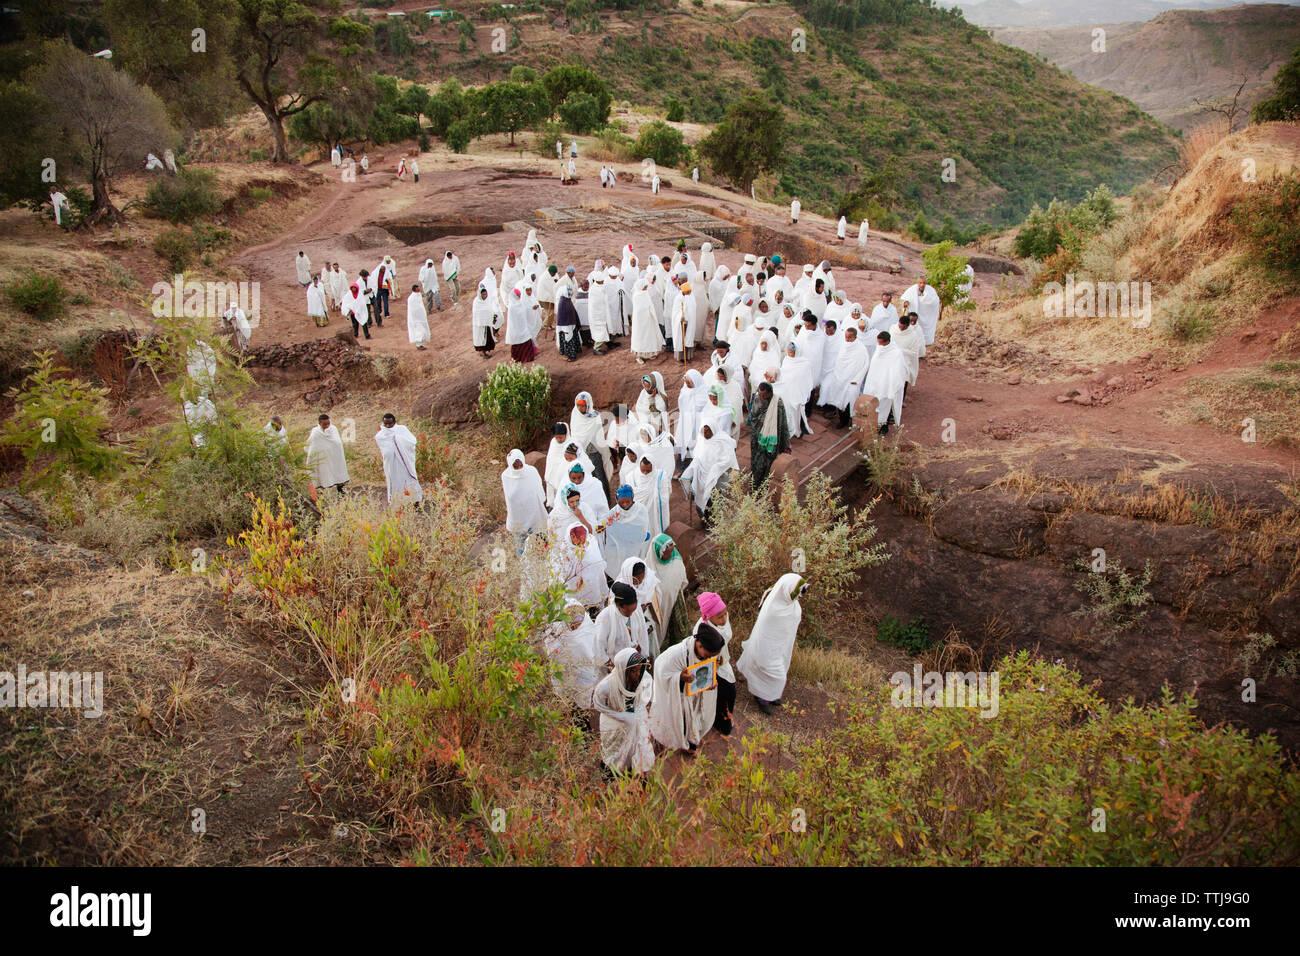 Angolo di Alta Vista del pellegrino passeggiate in montagna Immagini Stock